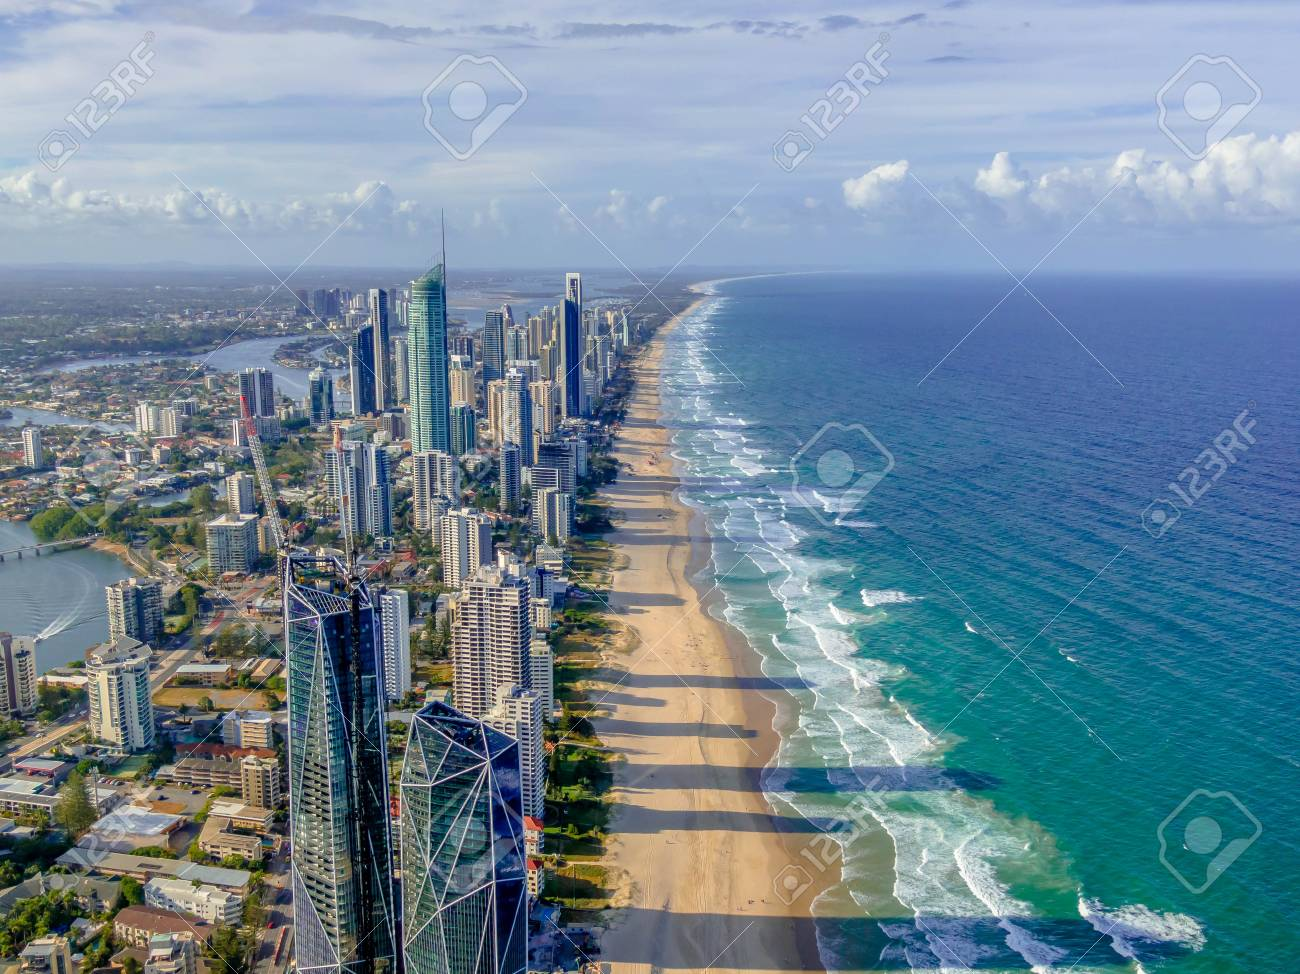 City skyline on the Gold Coast beach - 120523501